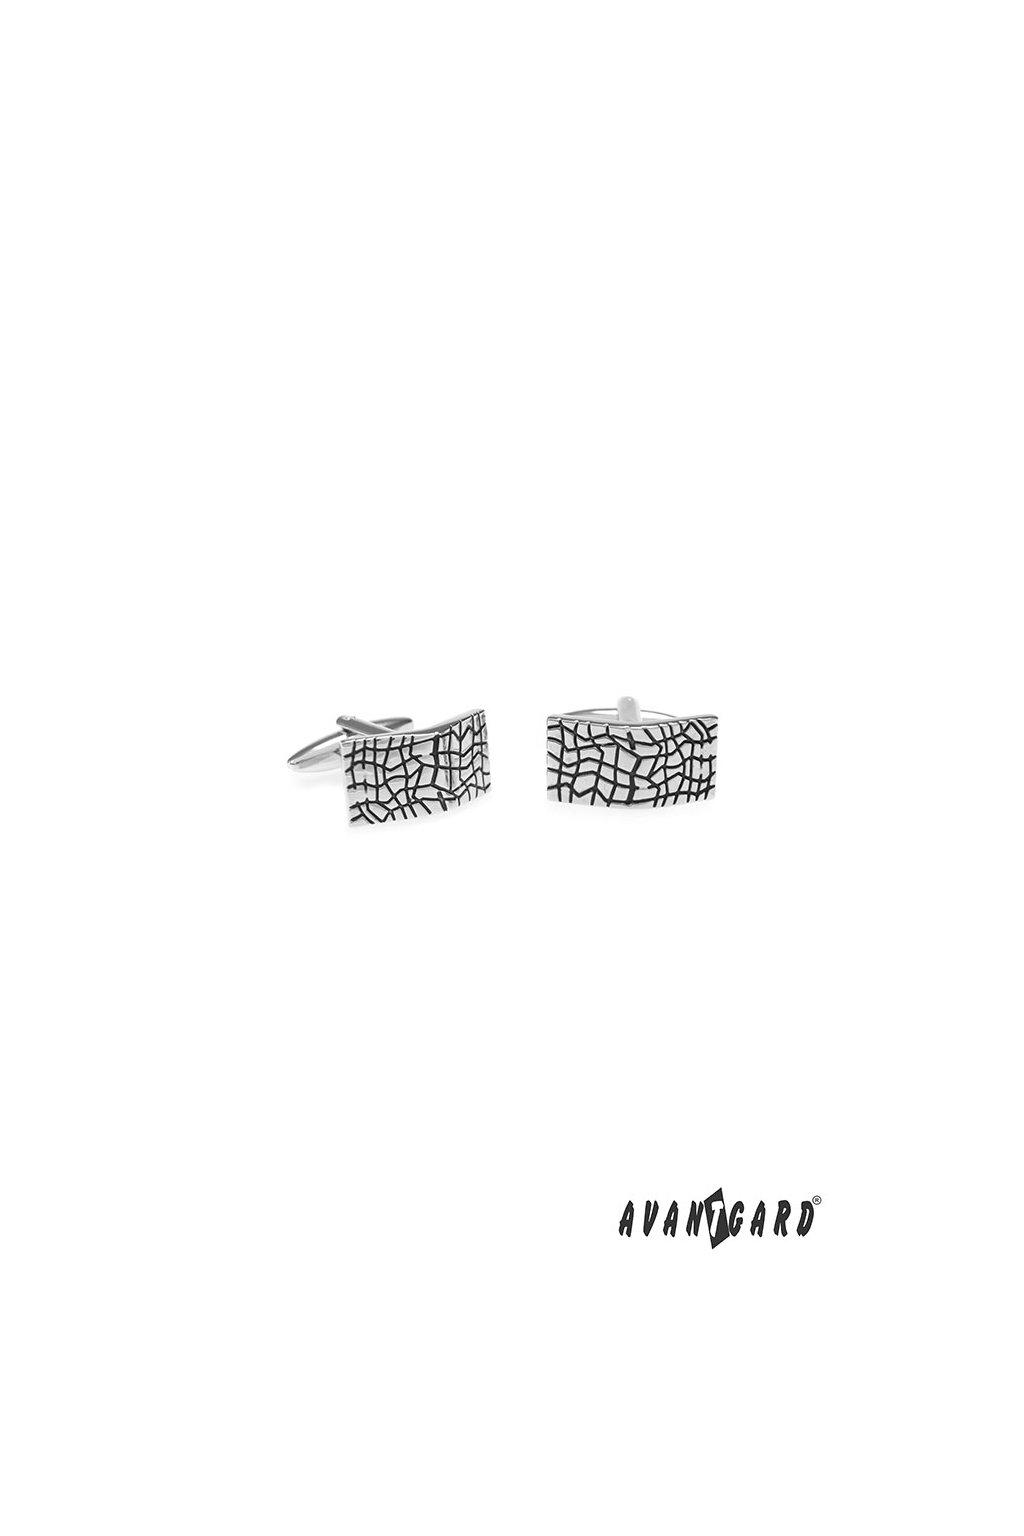 Manžetové knoflíčky PREMIUM, 573-20692, Stříbrná lesk/černá